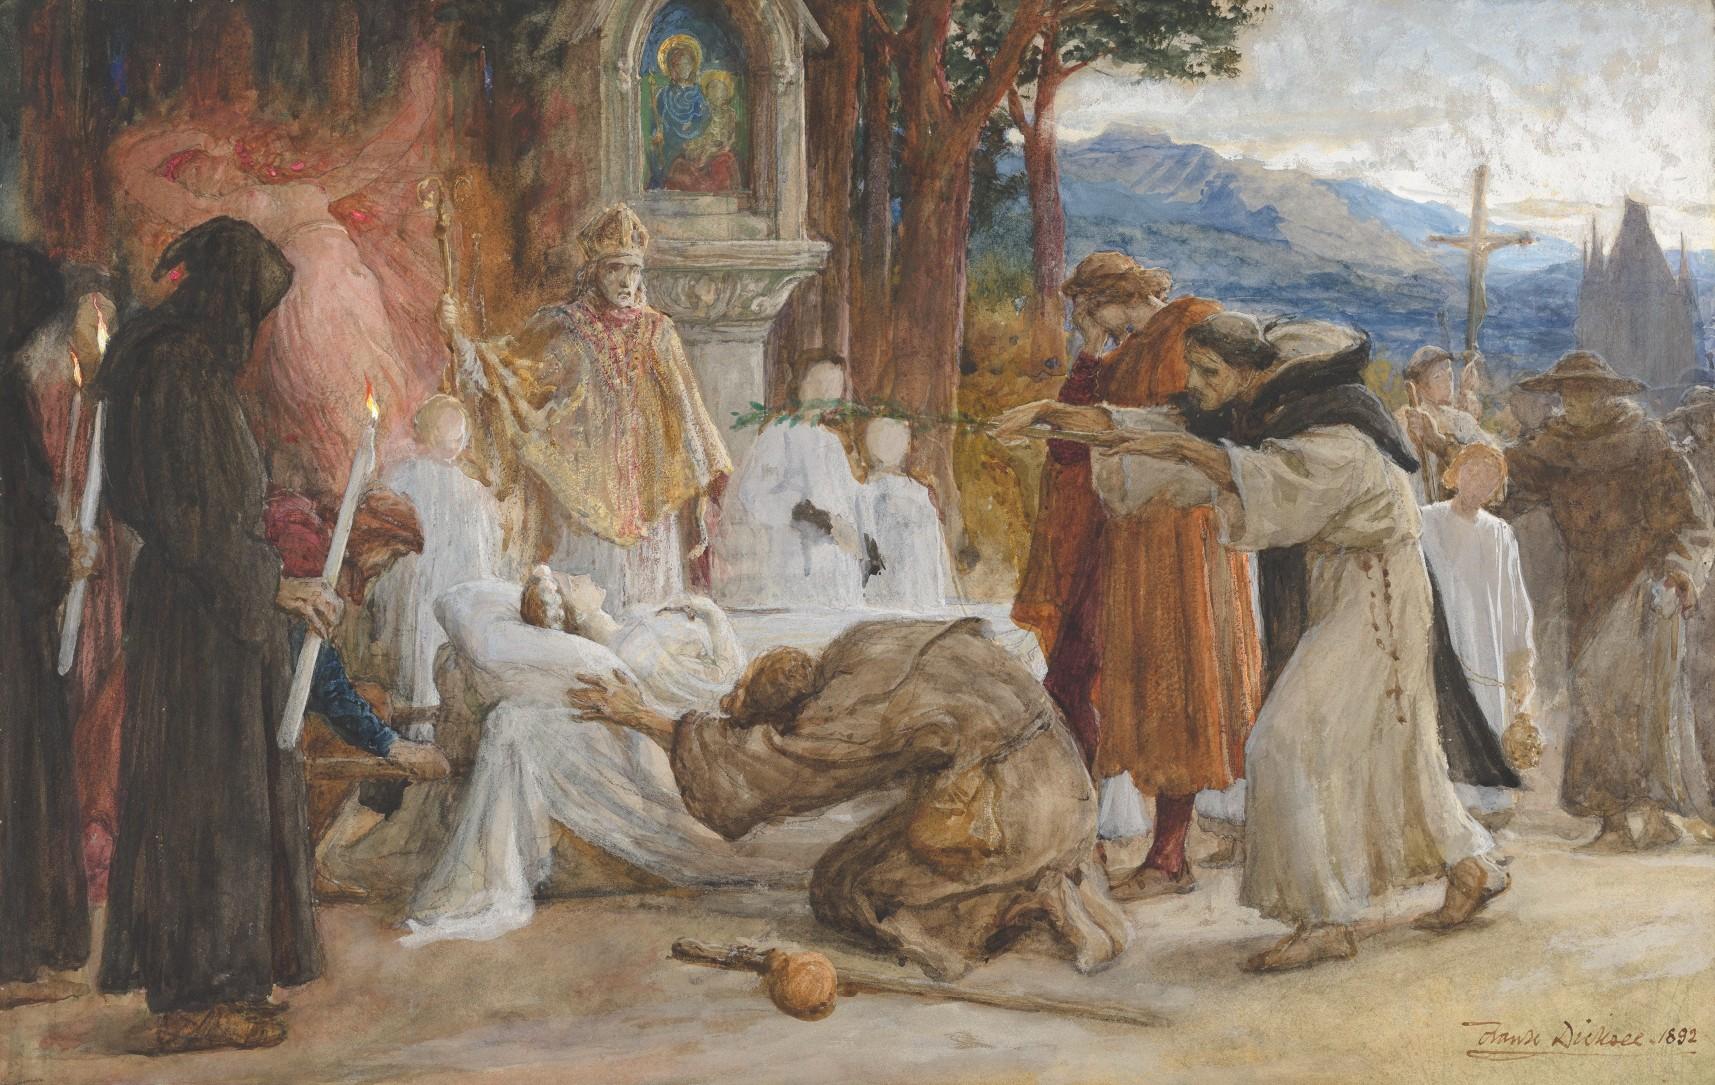 《唐懷瑟的救贖》,Frank Dicksee 畫於 1892 年。